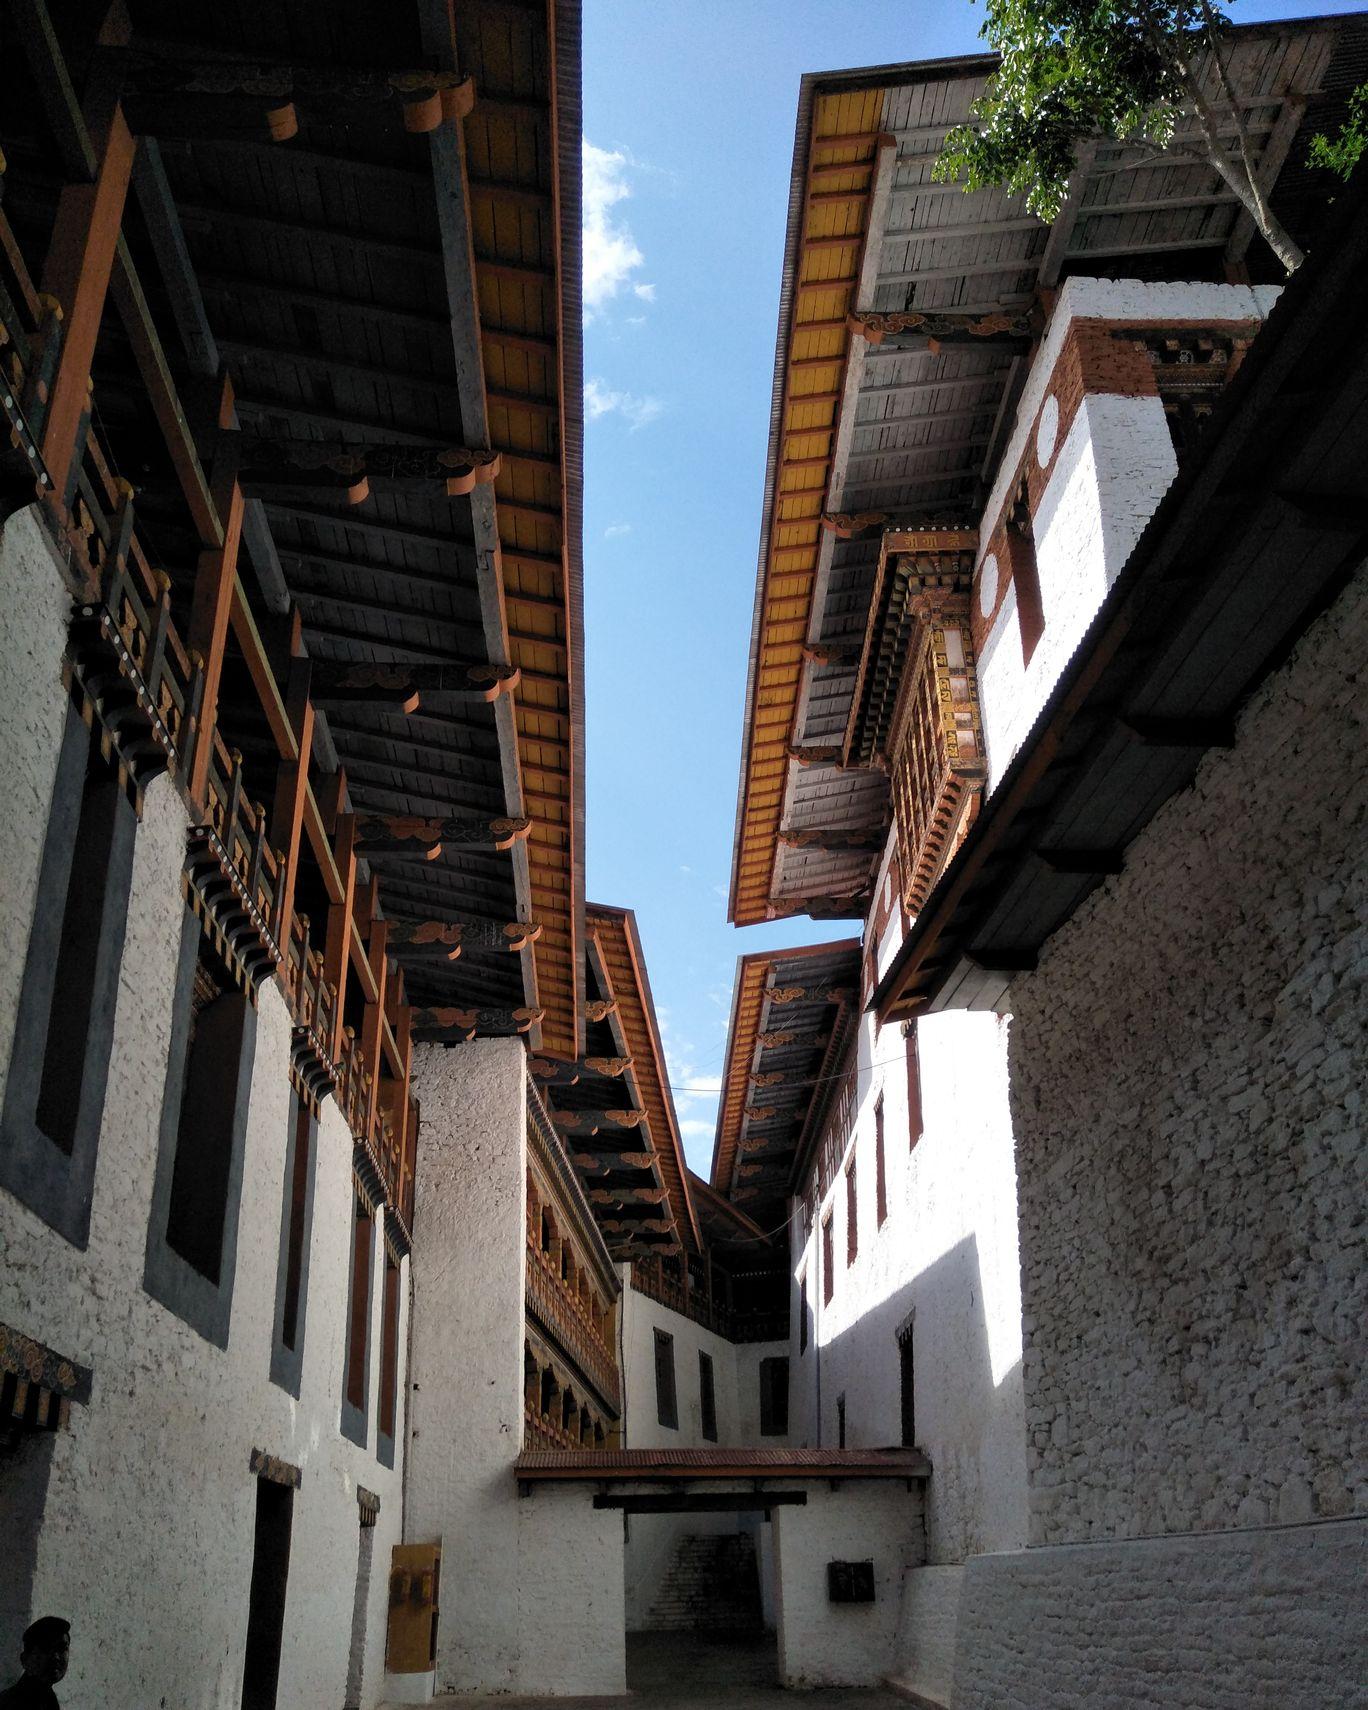 Photo of Bhutan By Pournami pottekat